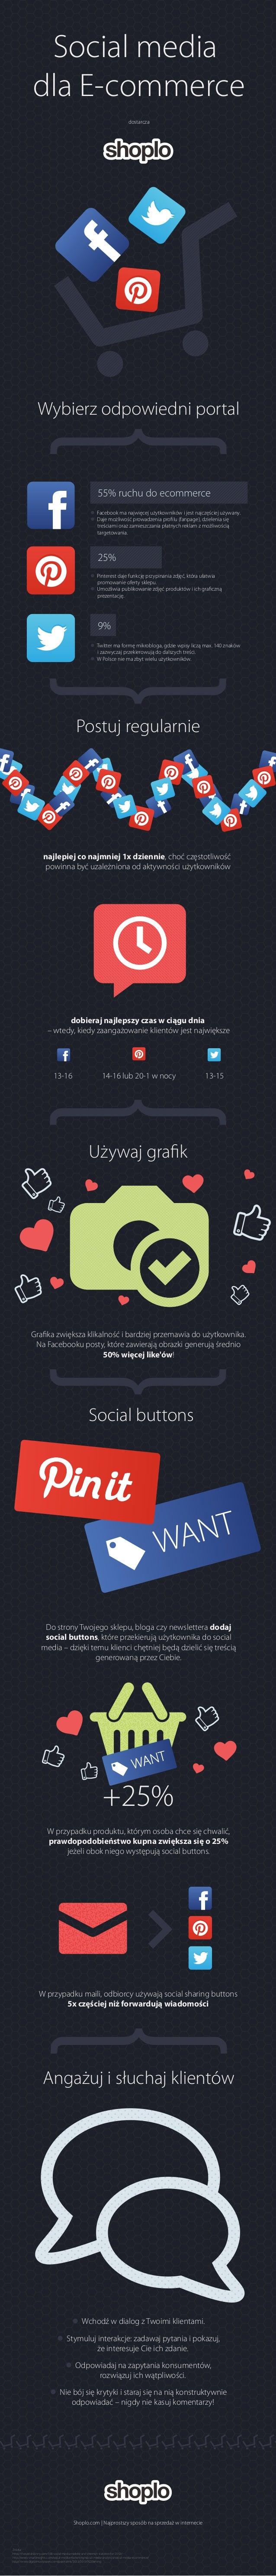 Social media dla E-commerce dostarcza  Wybierz odpowiedni portal  55% ruchu do ecommerce  Facebook ma najwięcej użytkowni...